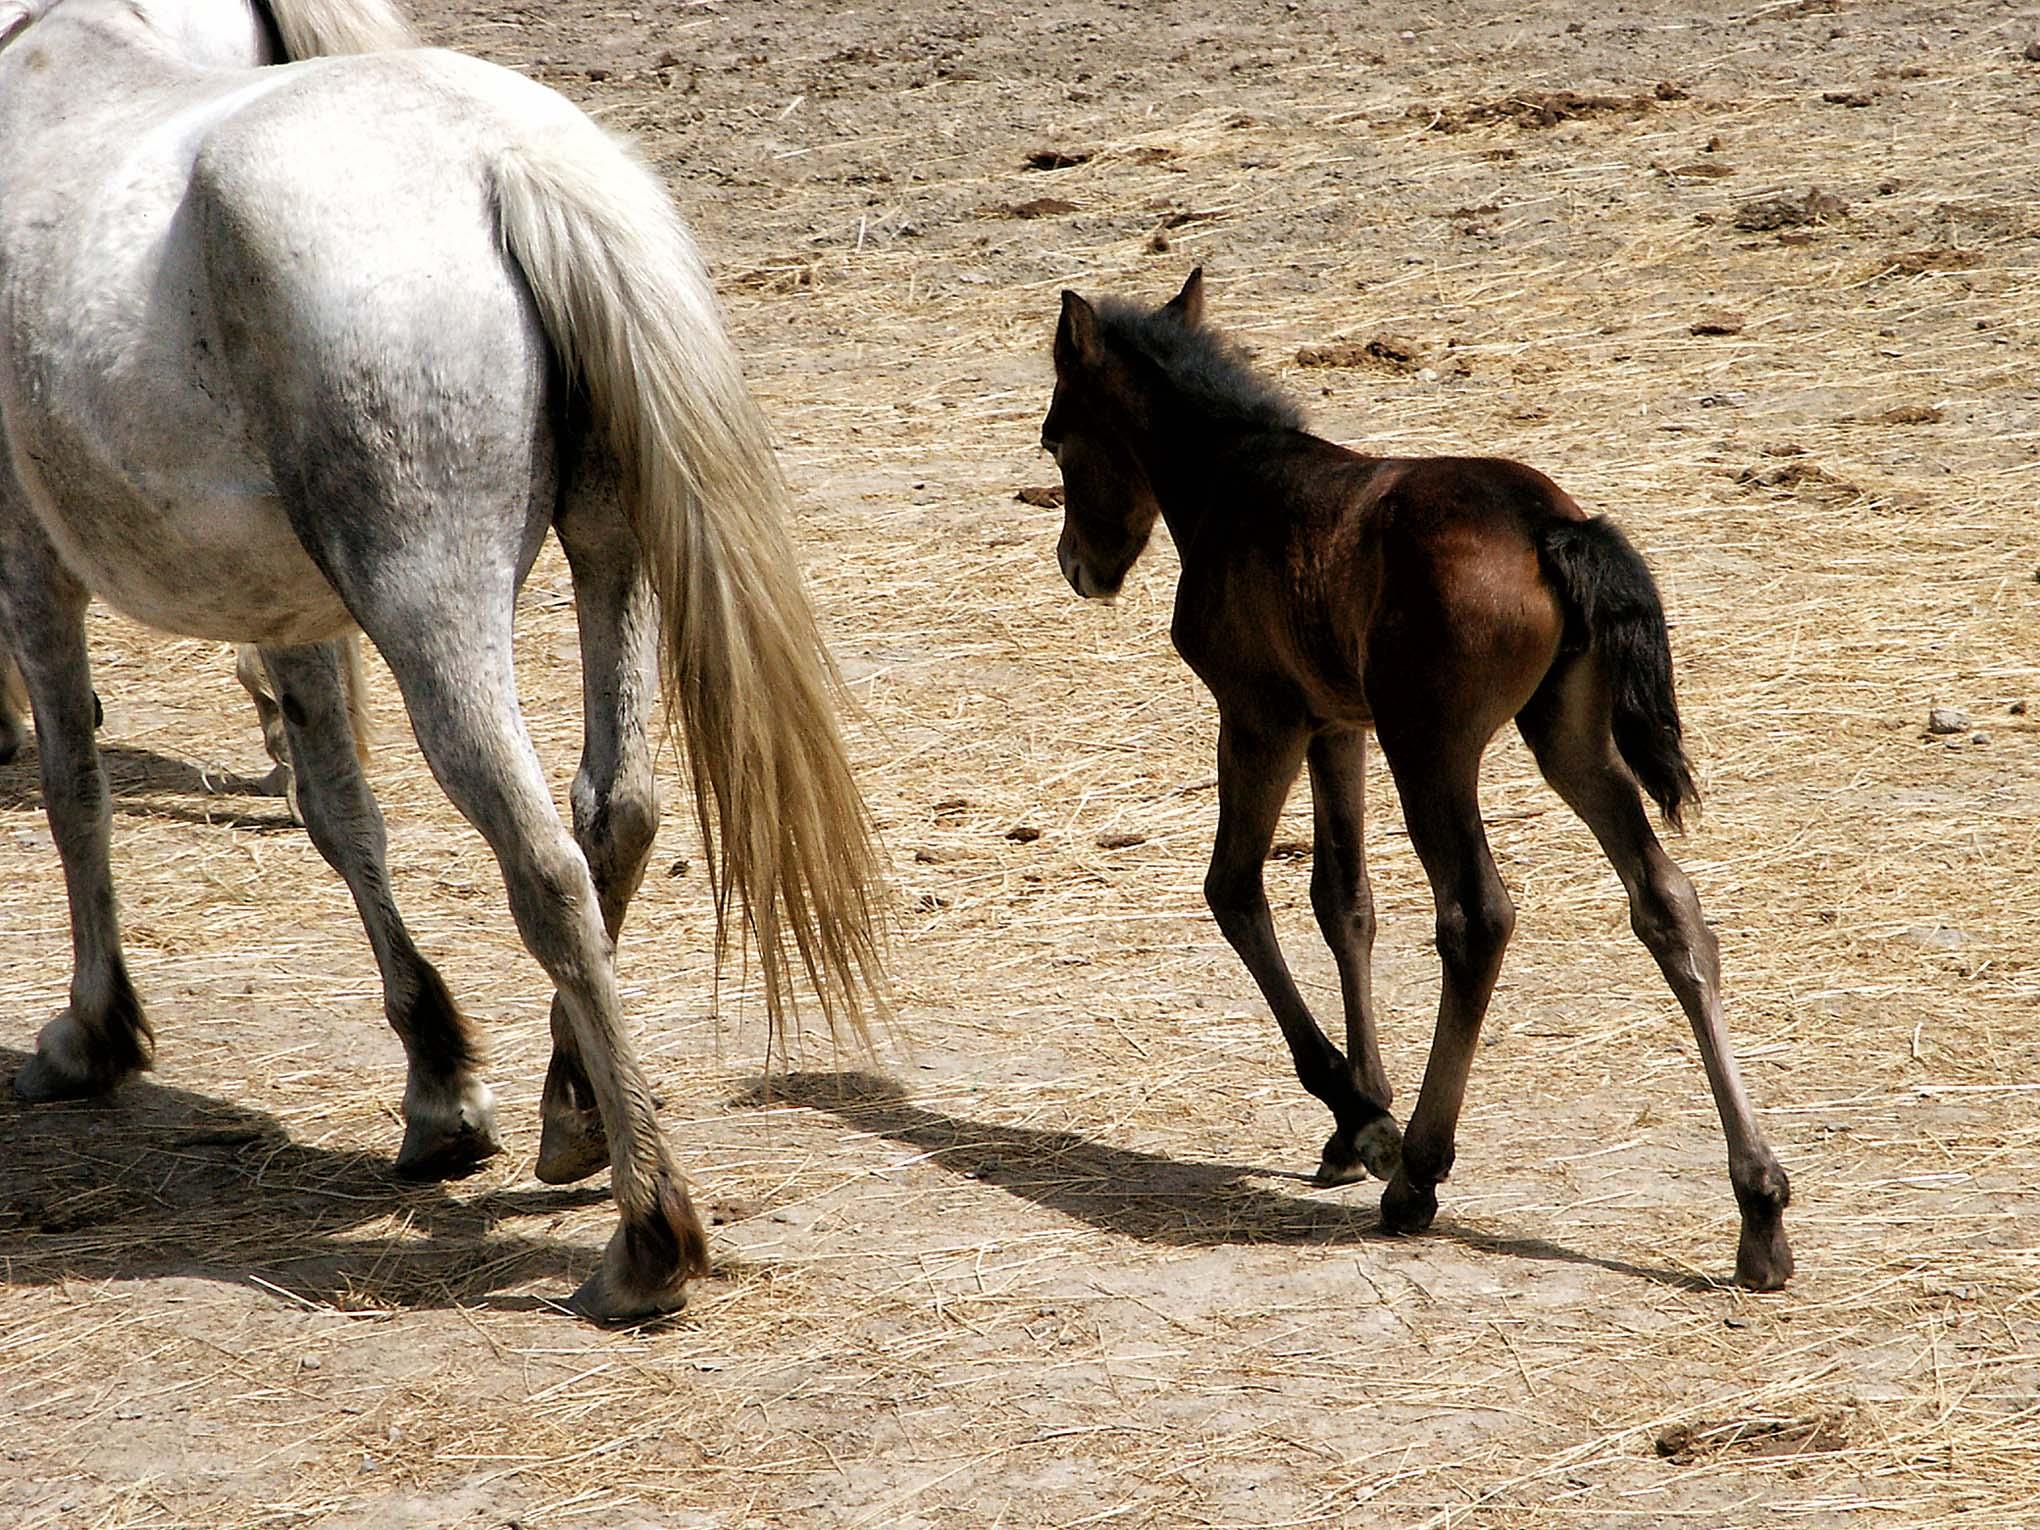 Melinda Isachsen JANIS Photography & Fine Art horses Camargue Provence France